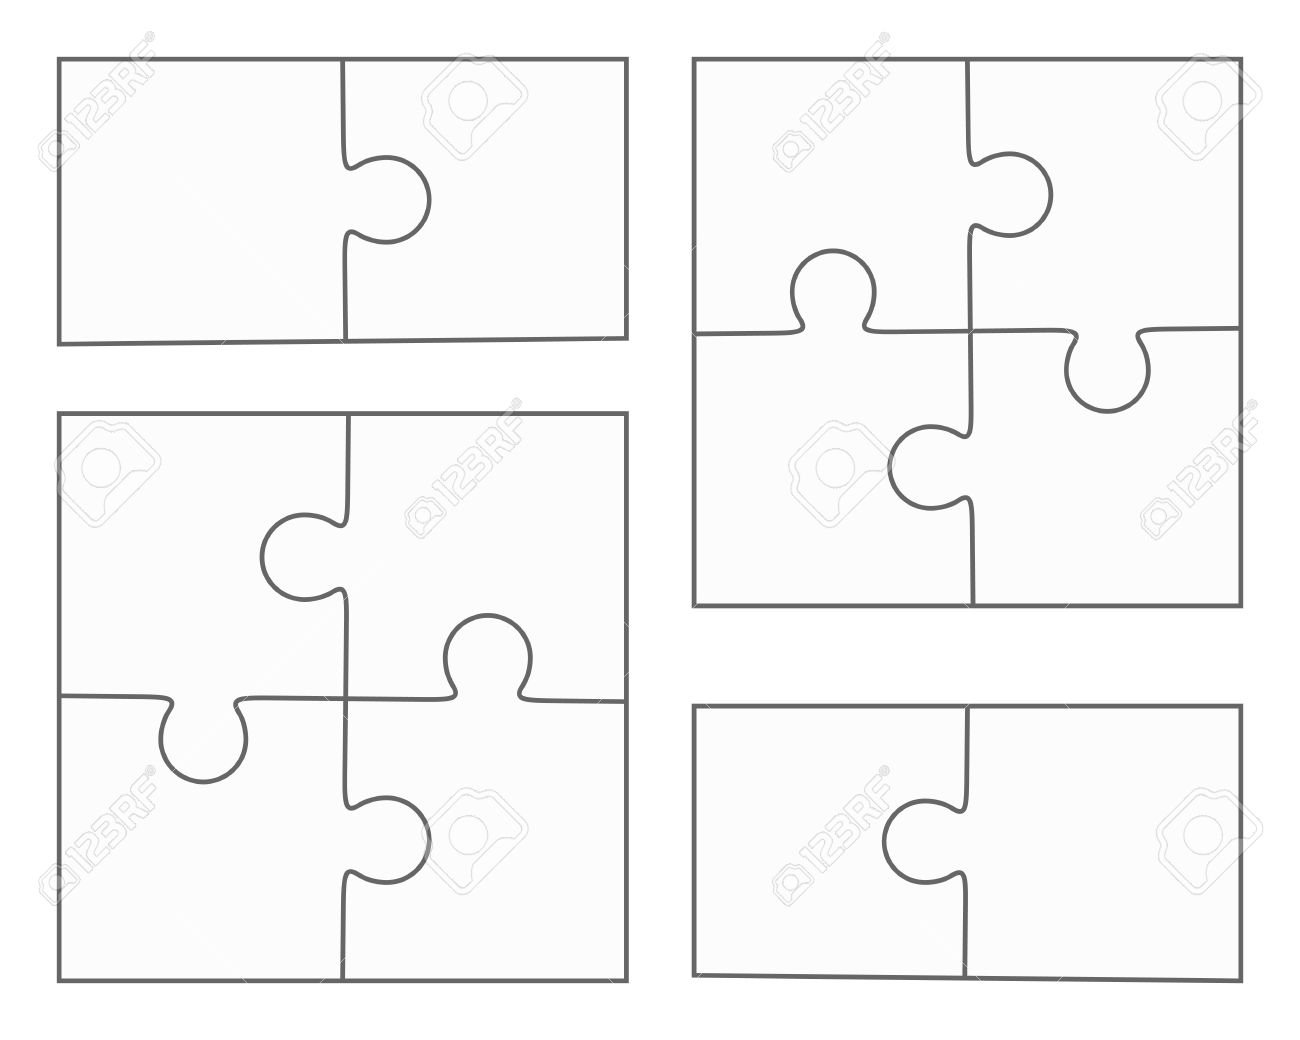 Jigsaw Puzzle-Vektor, Leere Einfache Vorlagen, Vier Stücke, Zwei ...